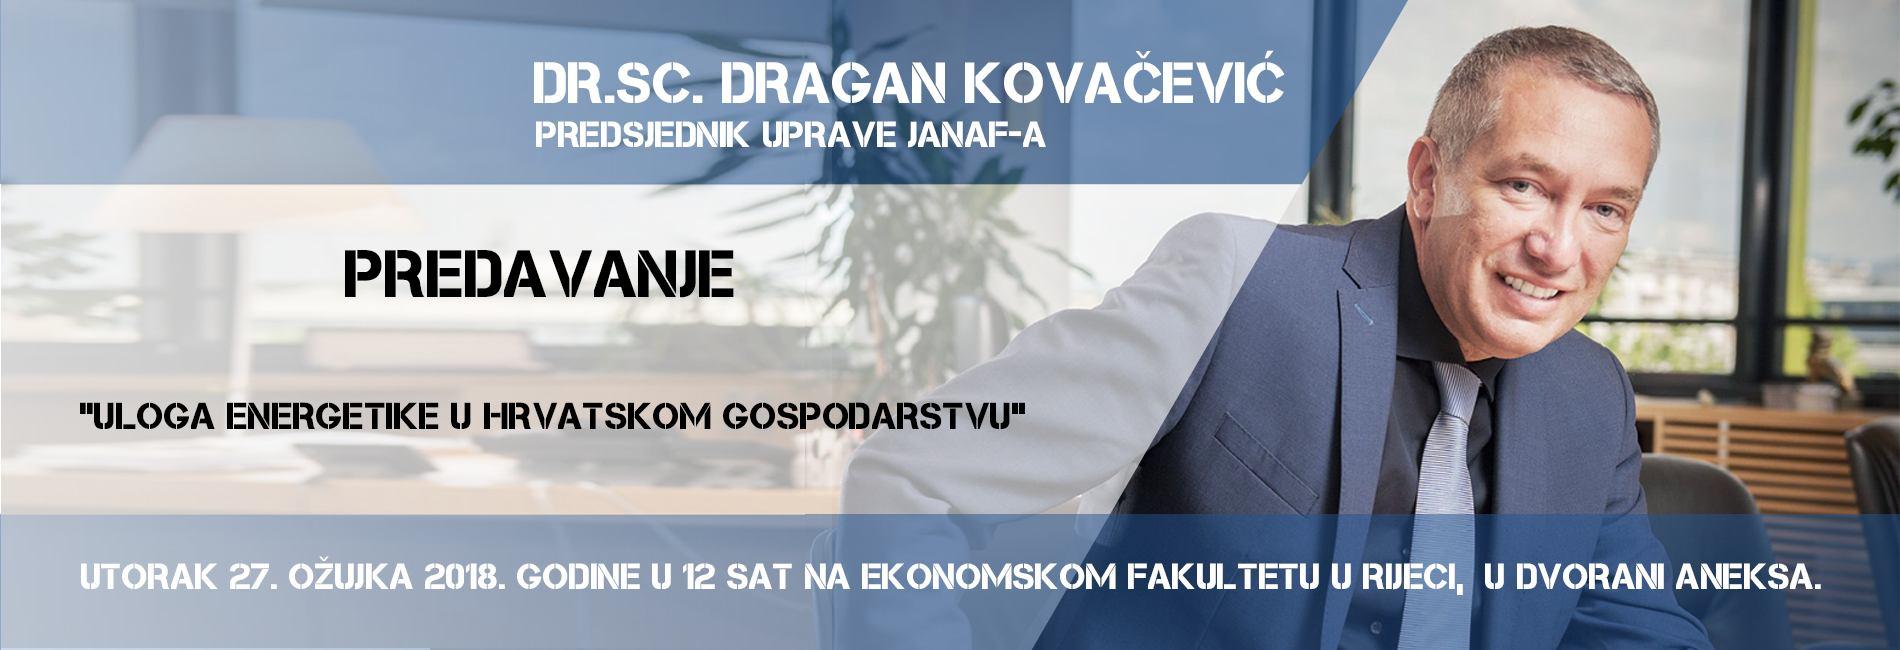 Uloga energetike u hrvatskom gospodarstvu